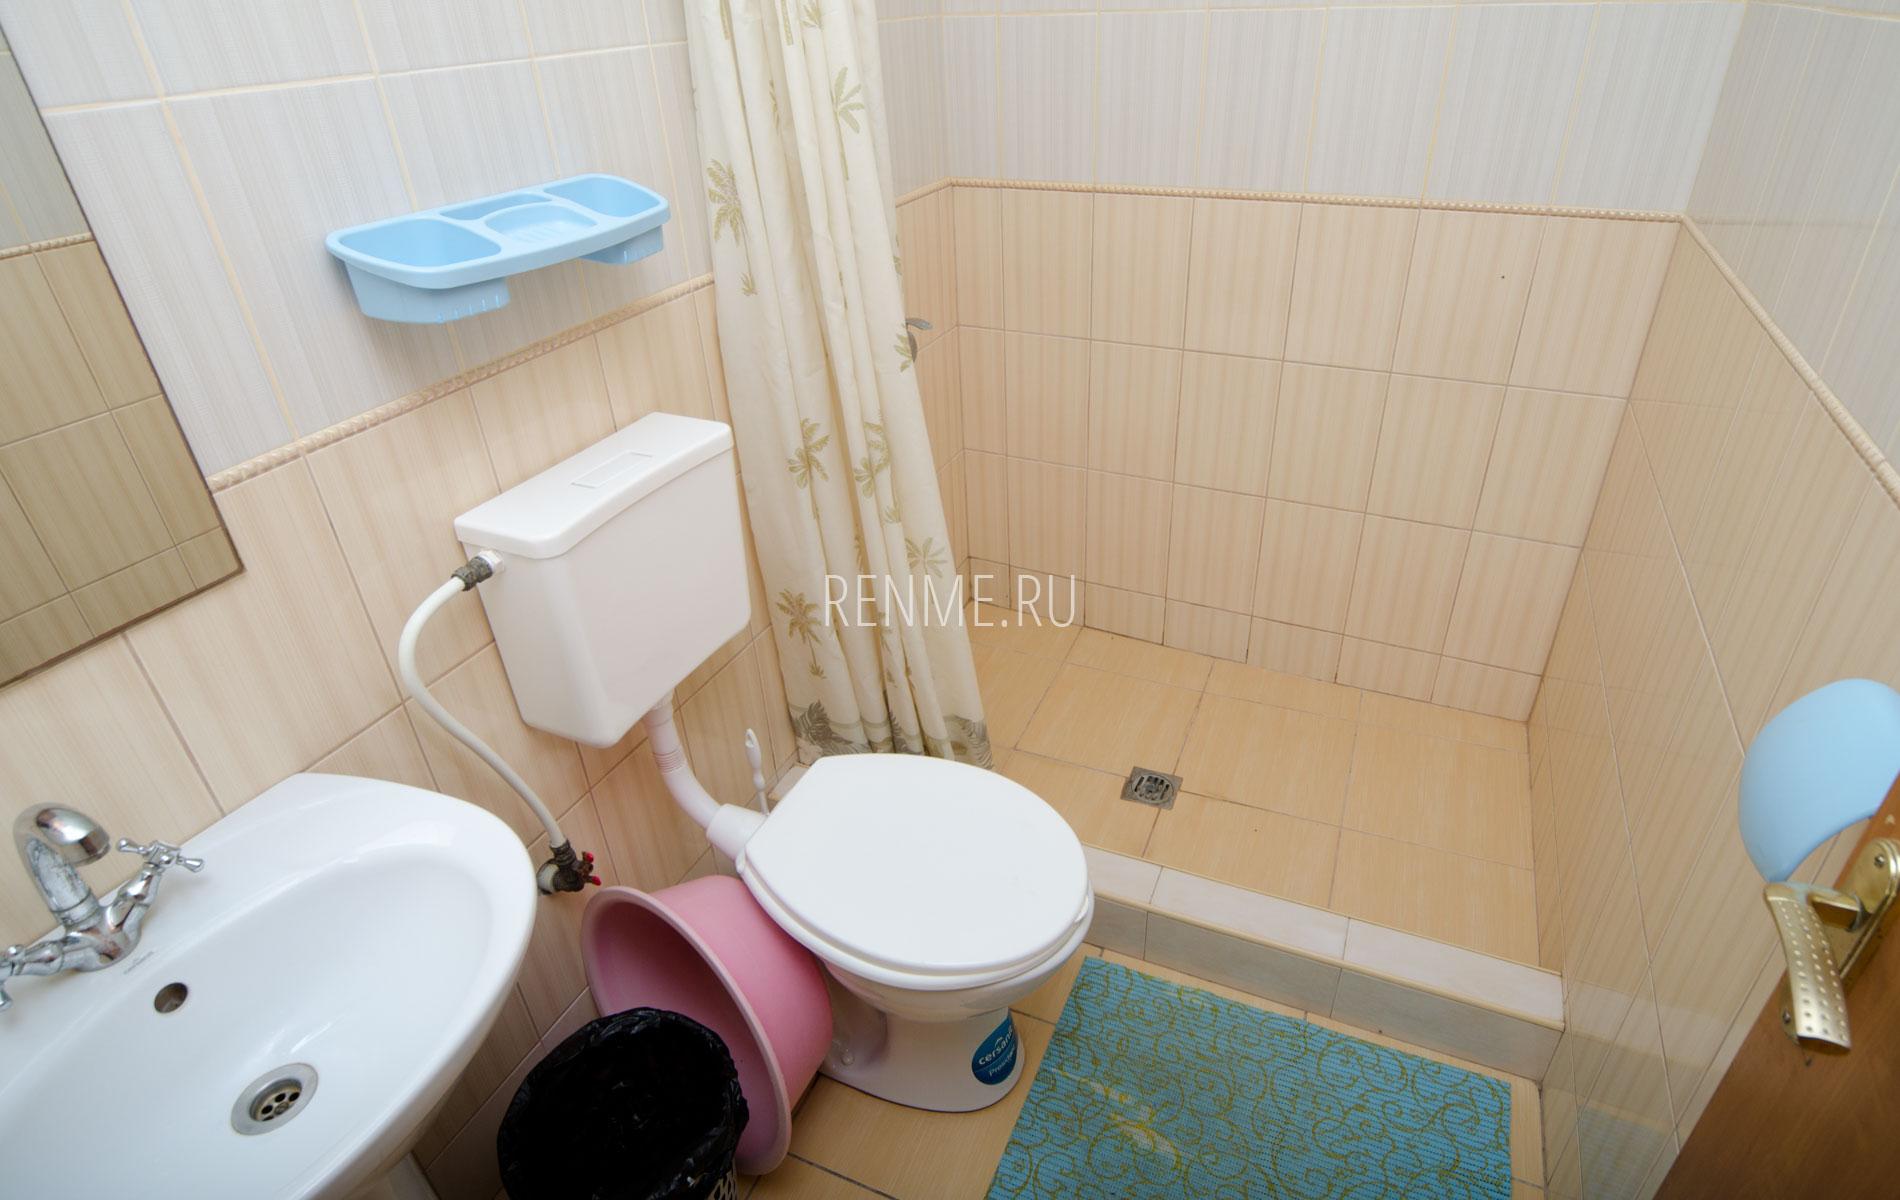 Душ, туалет. Однокомнатный коттедж. Коттеджи Заозёрного